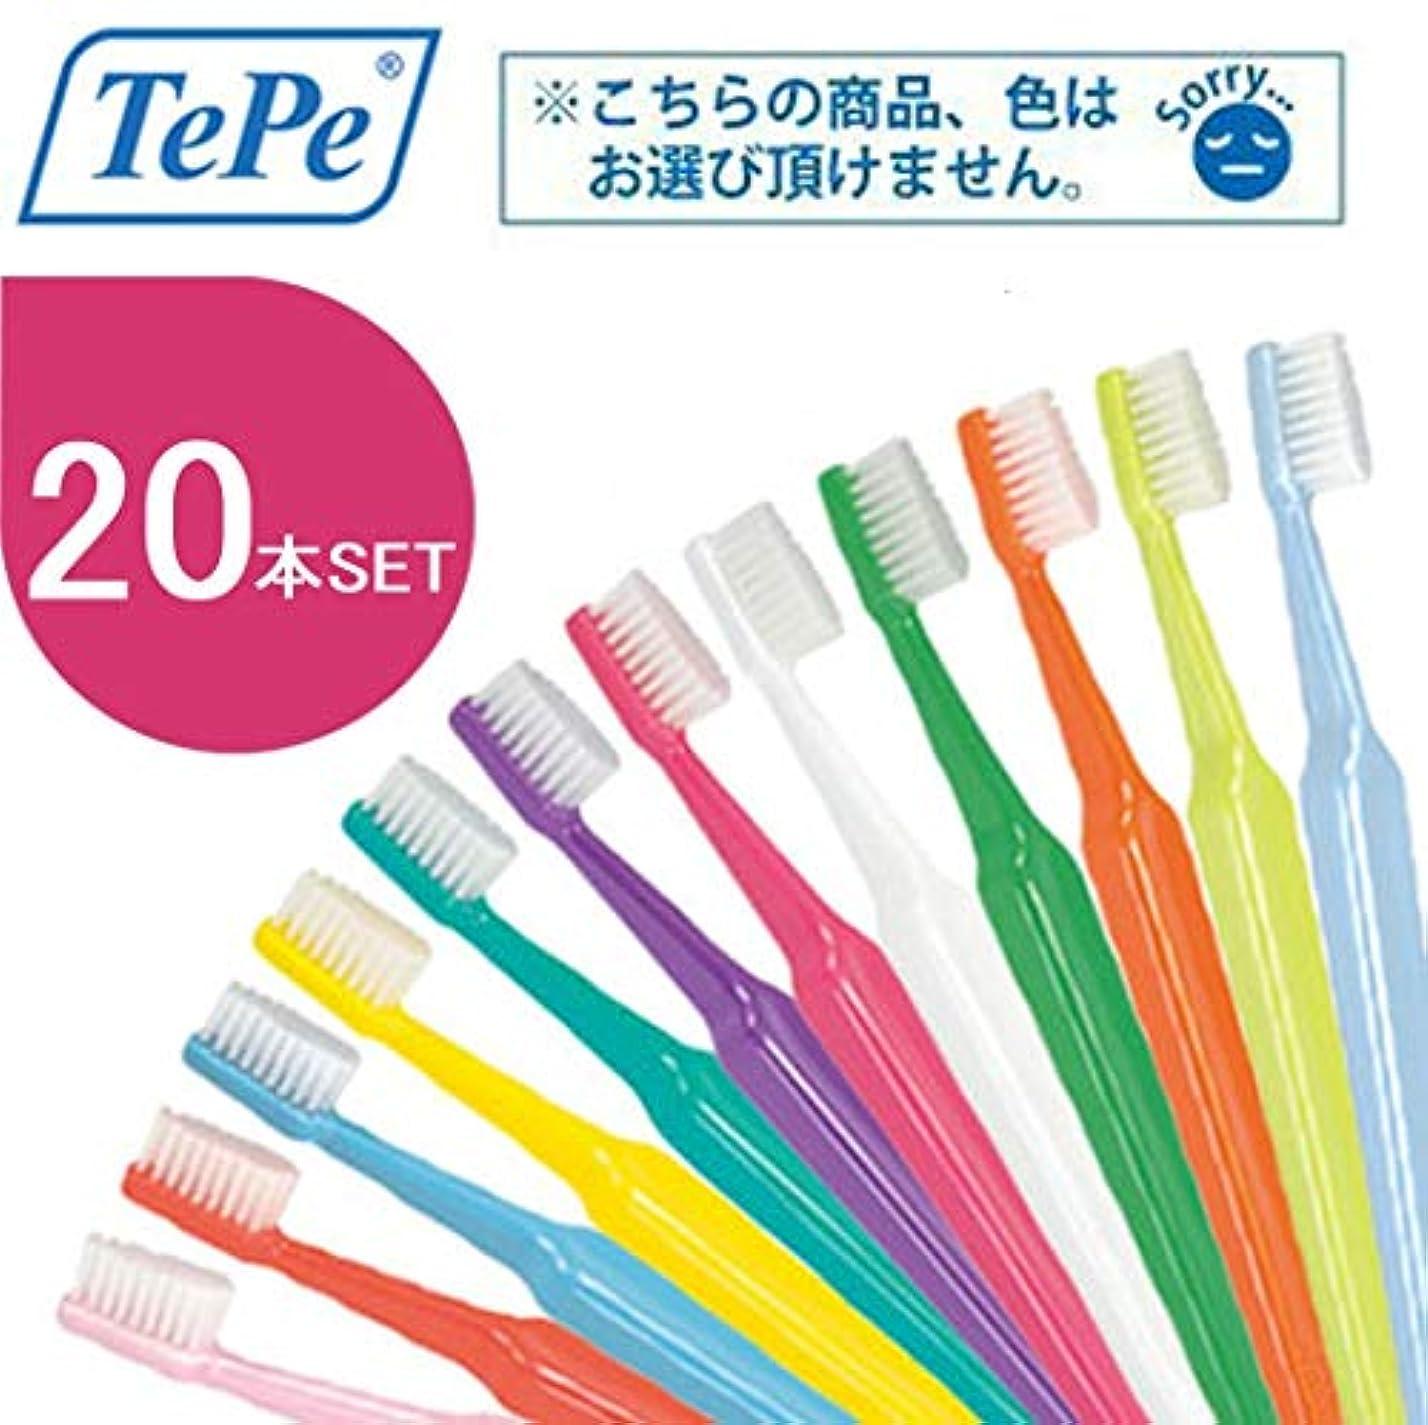 ヒットメイドグリップクロスフィールド TePe テペ セレクト 歯ブラシ 20本 (ソフト)